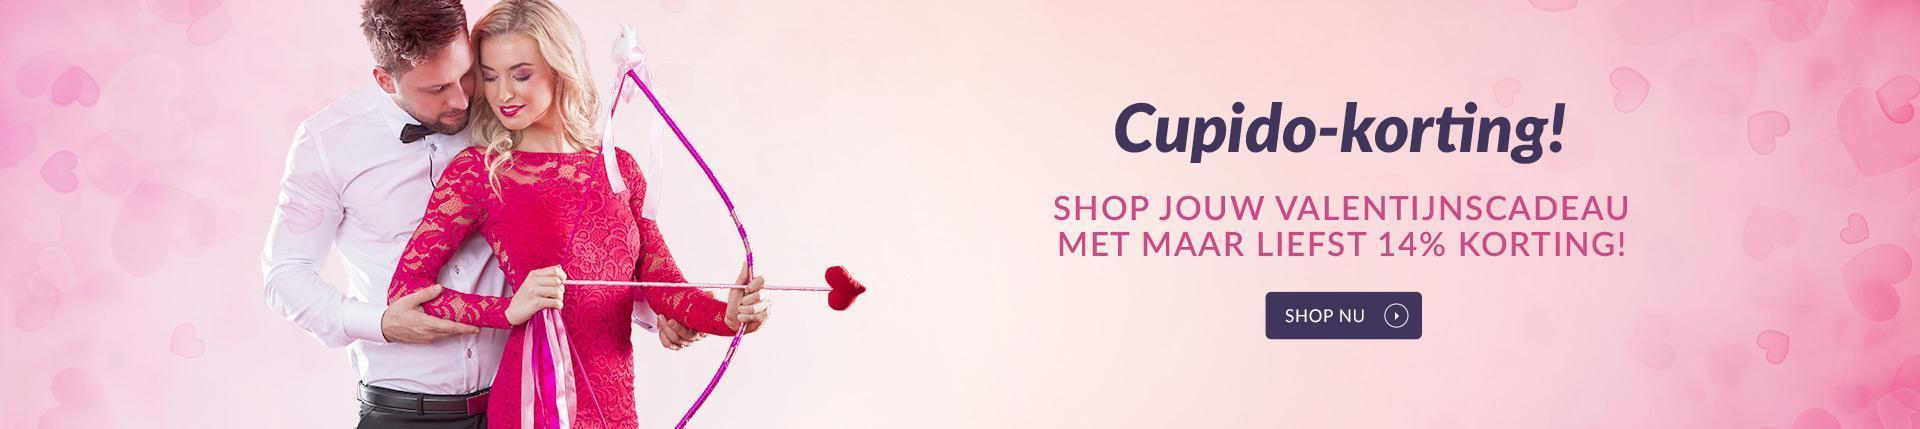 Lingerie voor Valentijn online kopen